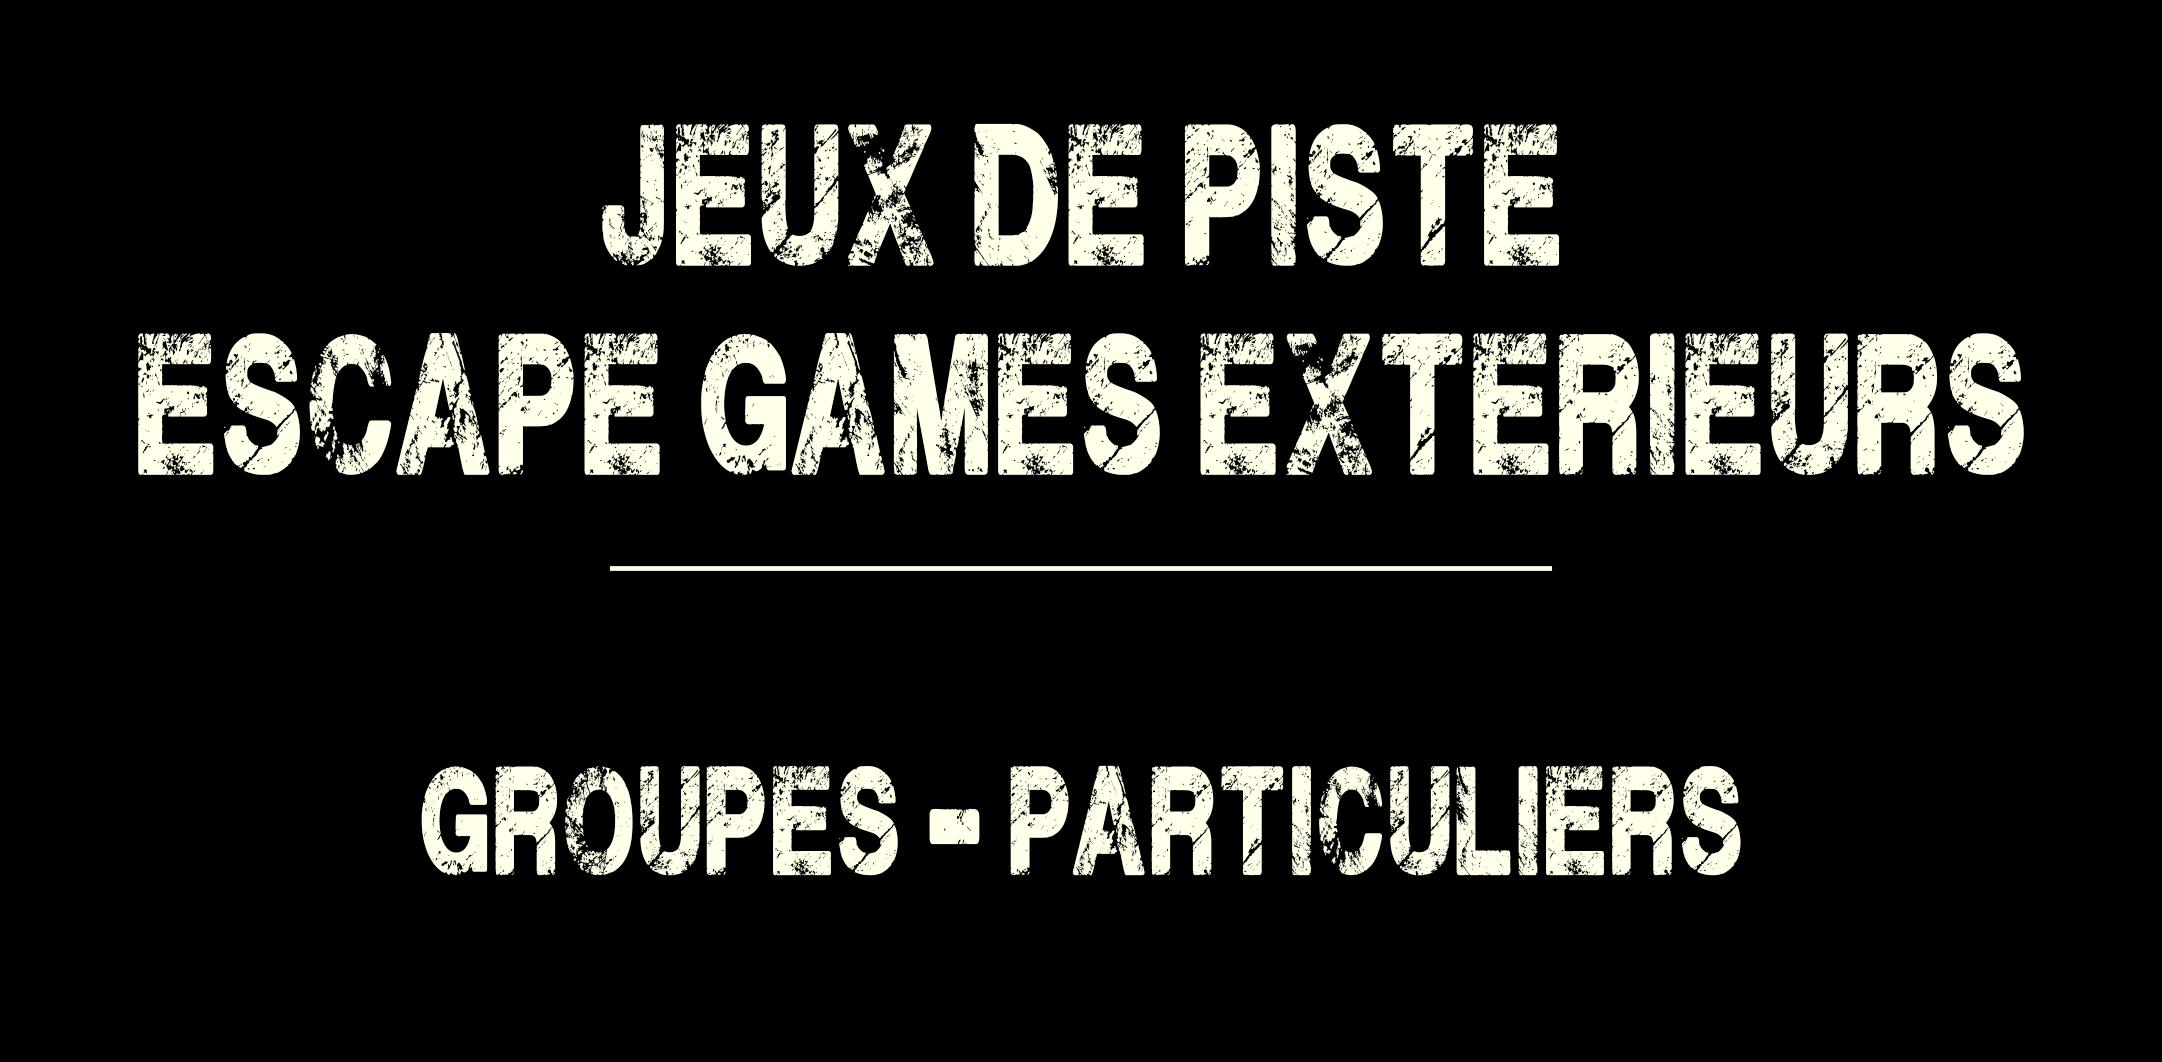 jeux-de-piste-escape-games-exterieurs-particuliers-groupes-toulouse-granhota